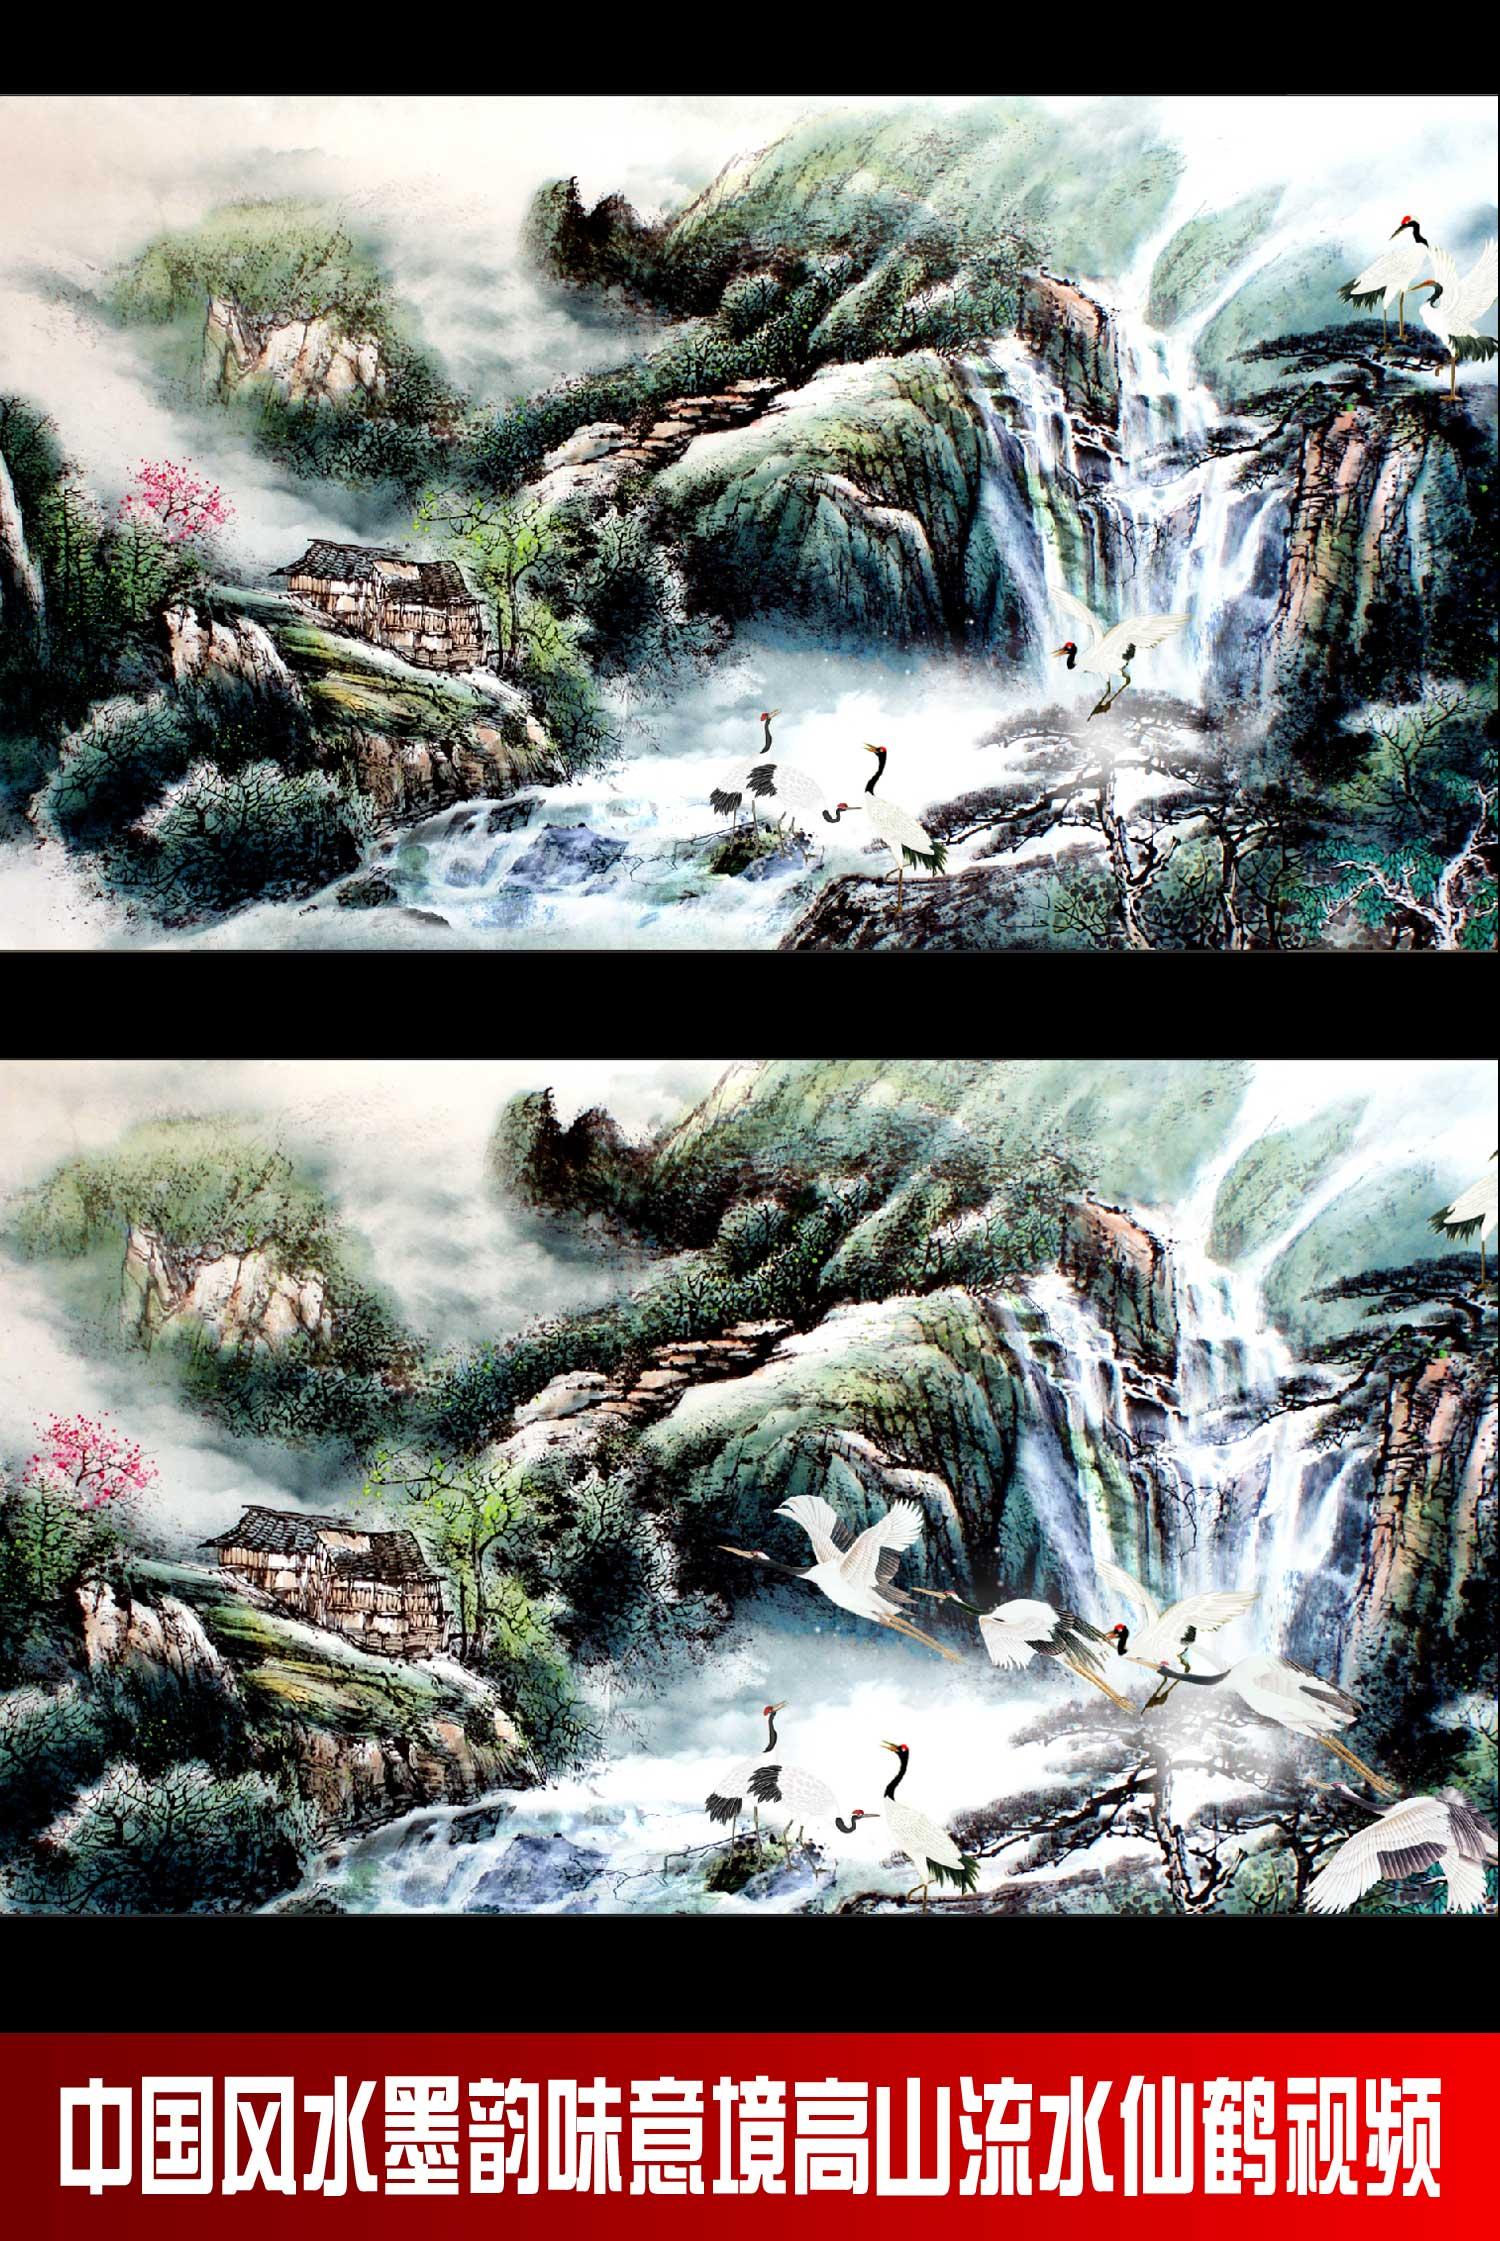 高山流水仙鹤飞视频